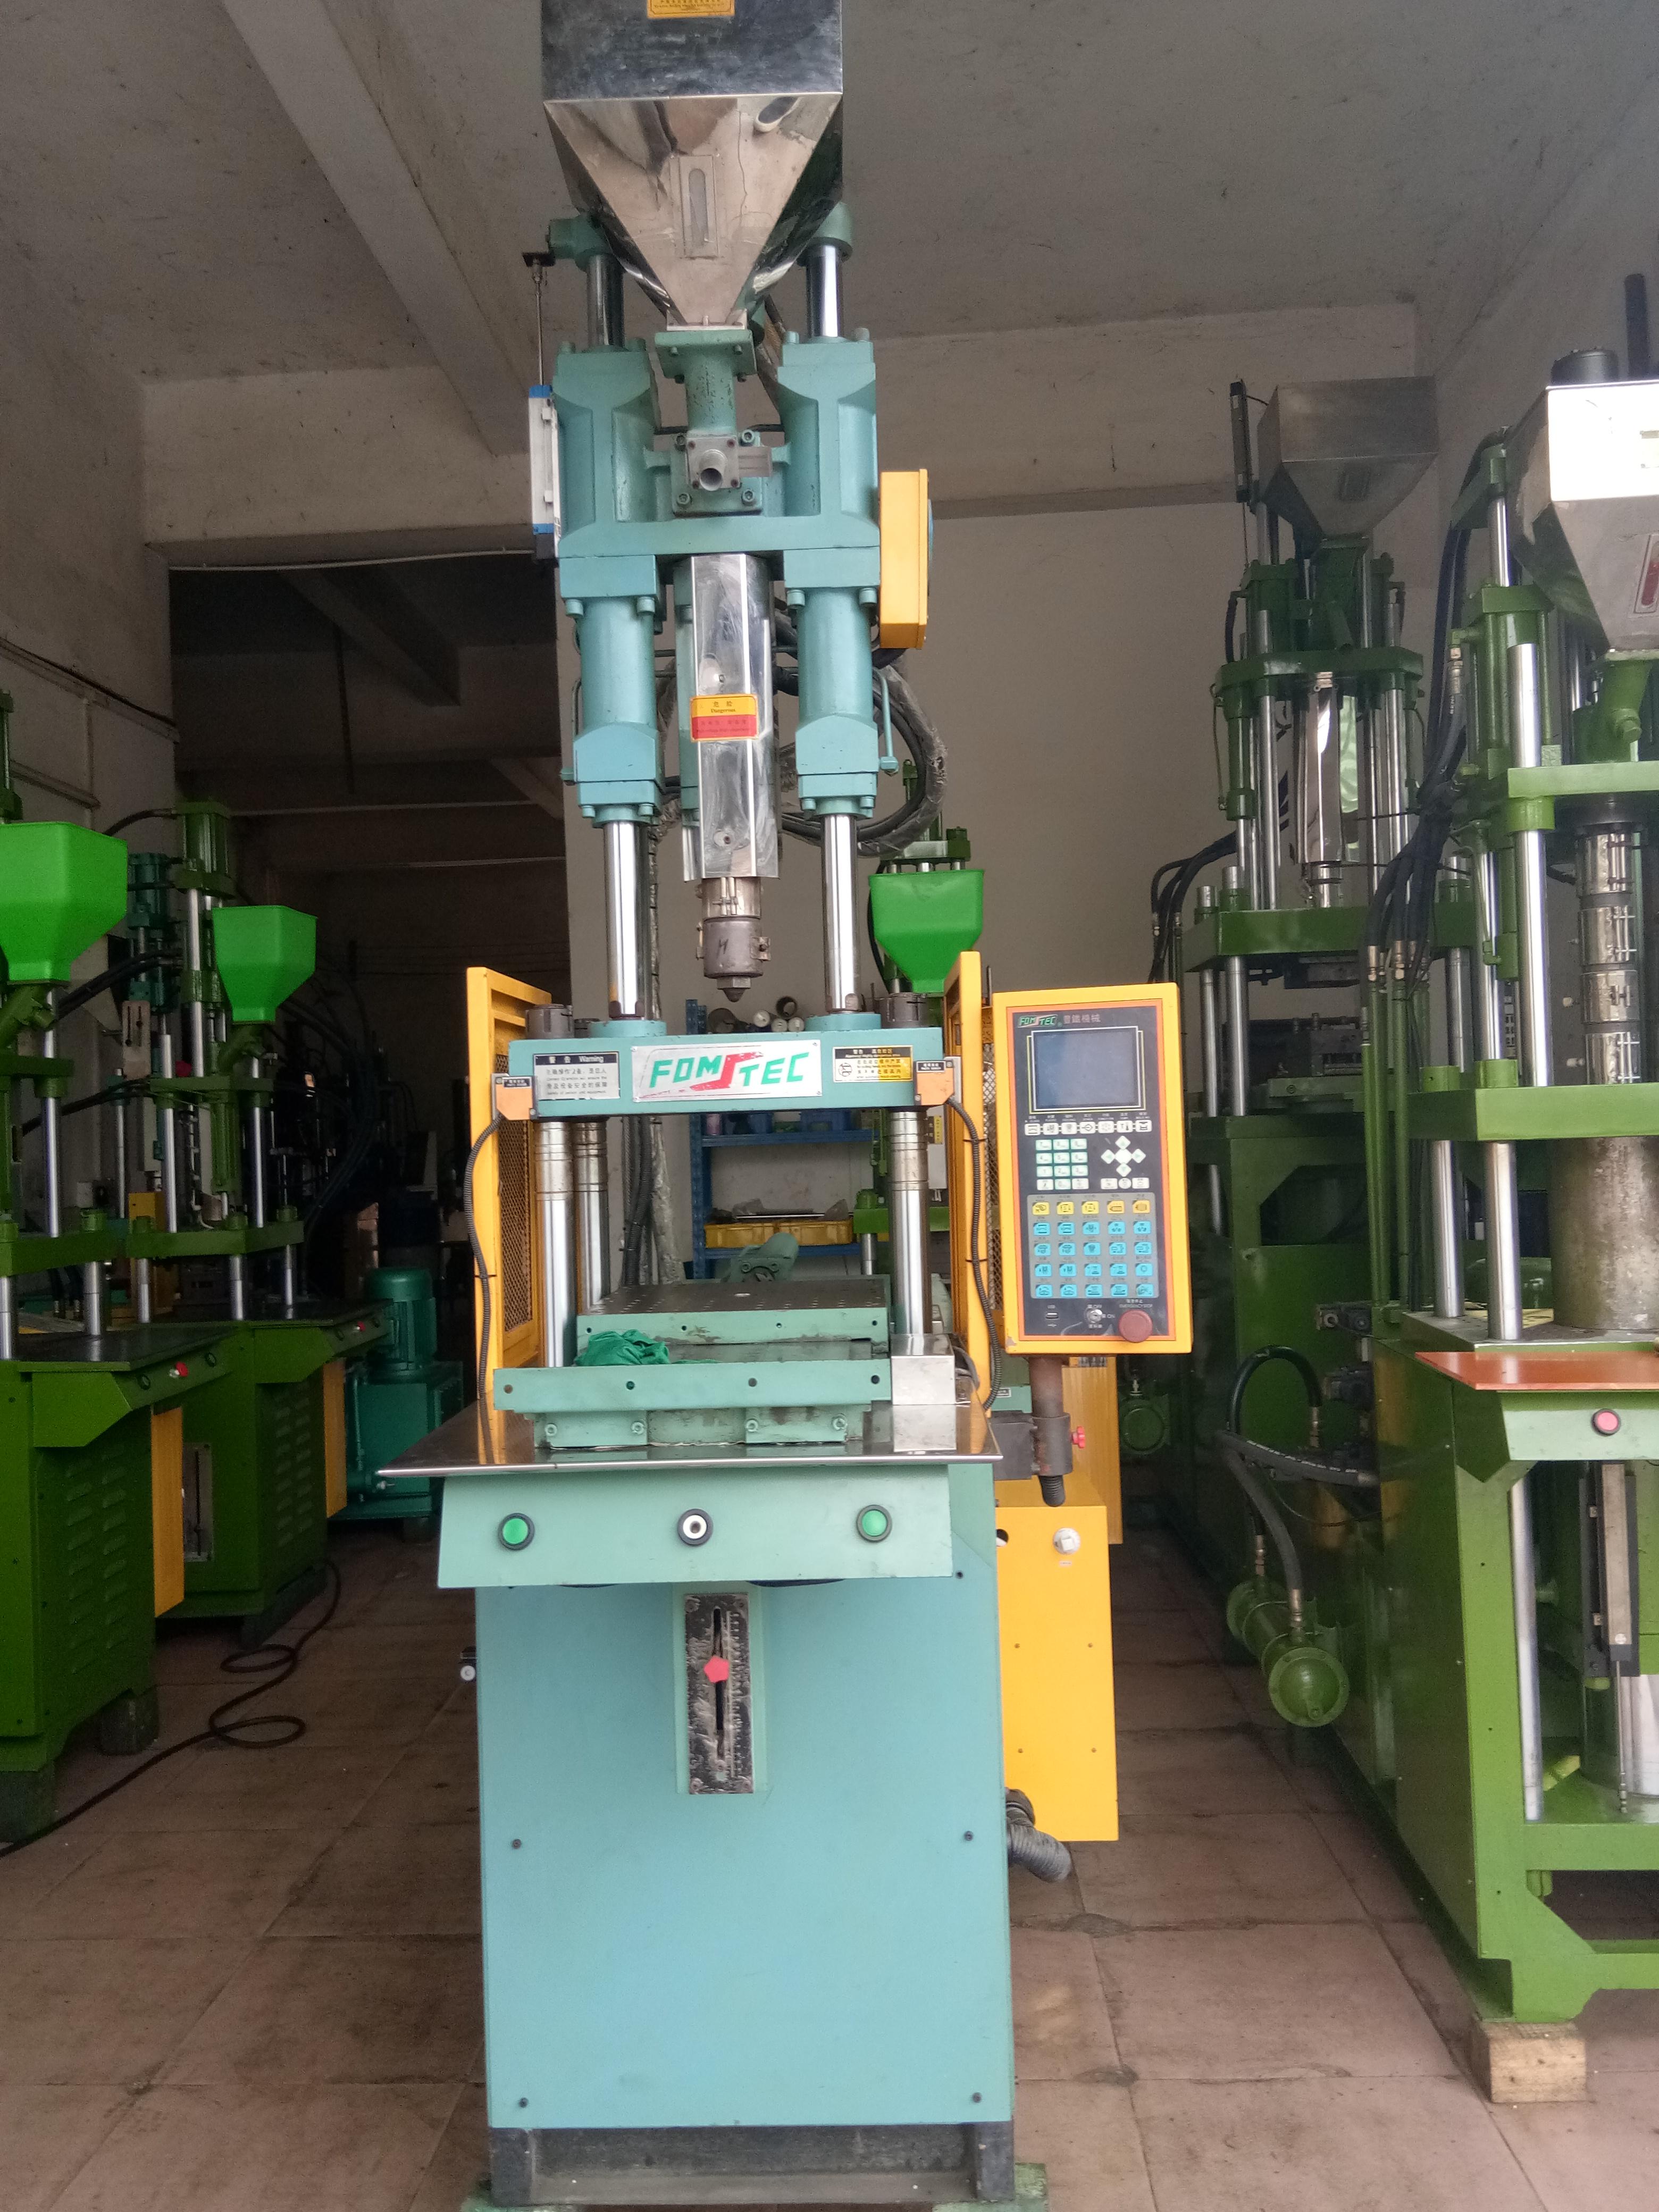 立式注塑机 立式注塑机价格 立式注塑机供应商 立式注塑机批发商